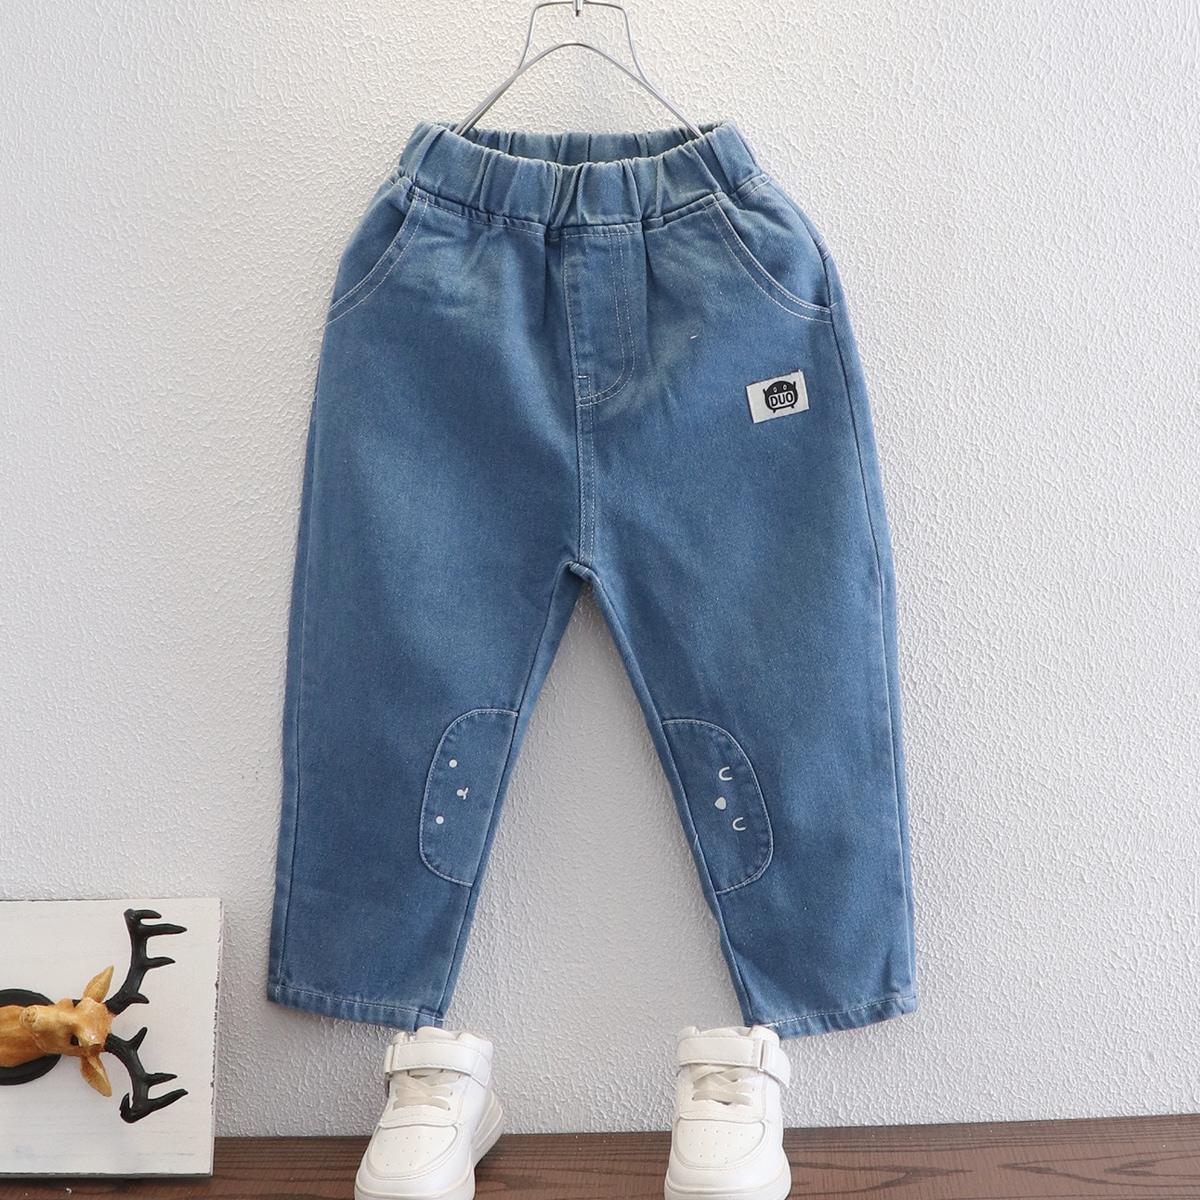 Карман буква джинсы для мальчиков